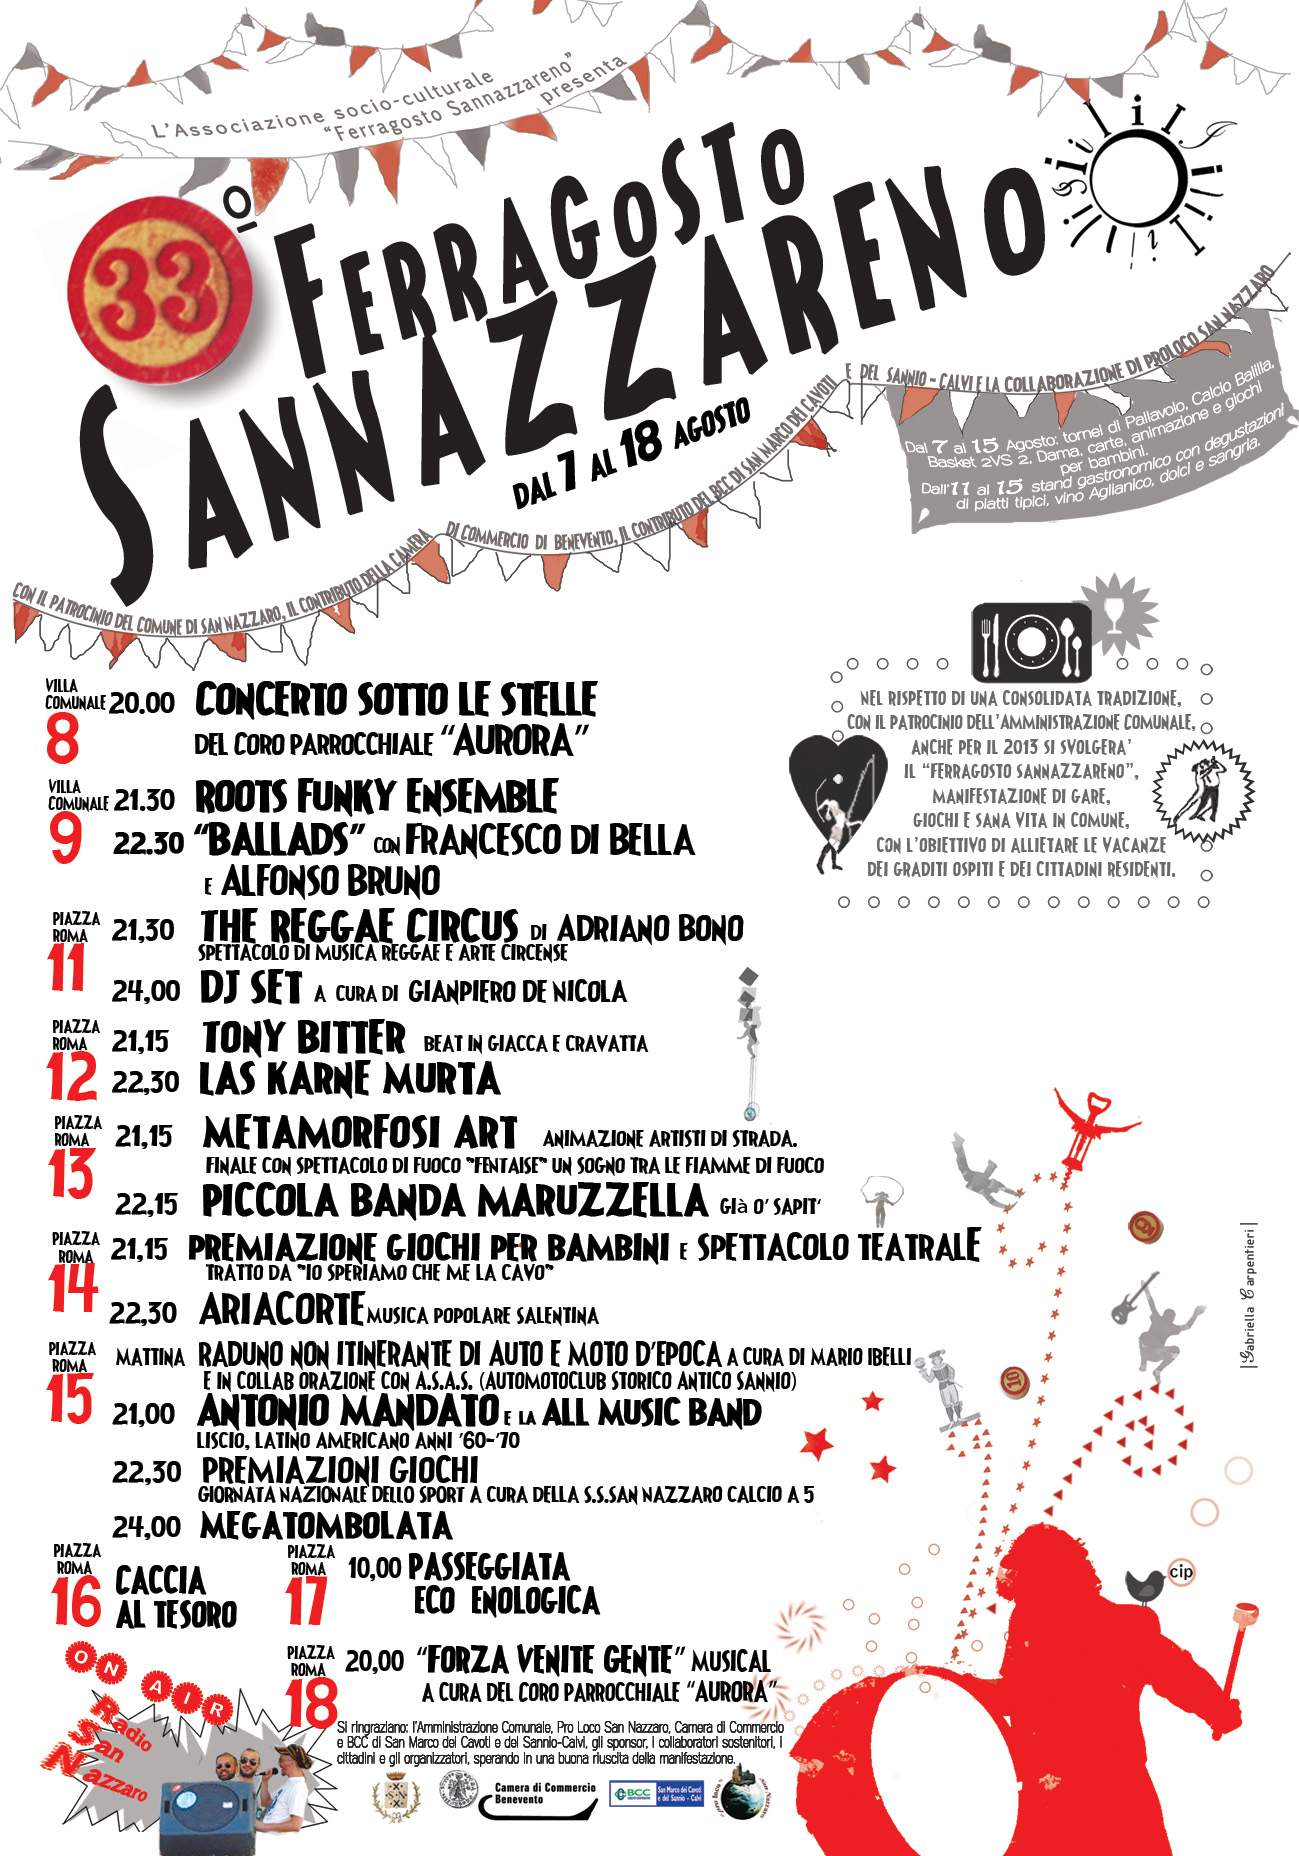 Ferragosto Sannazzareno 2013